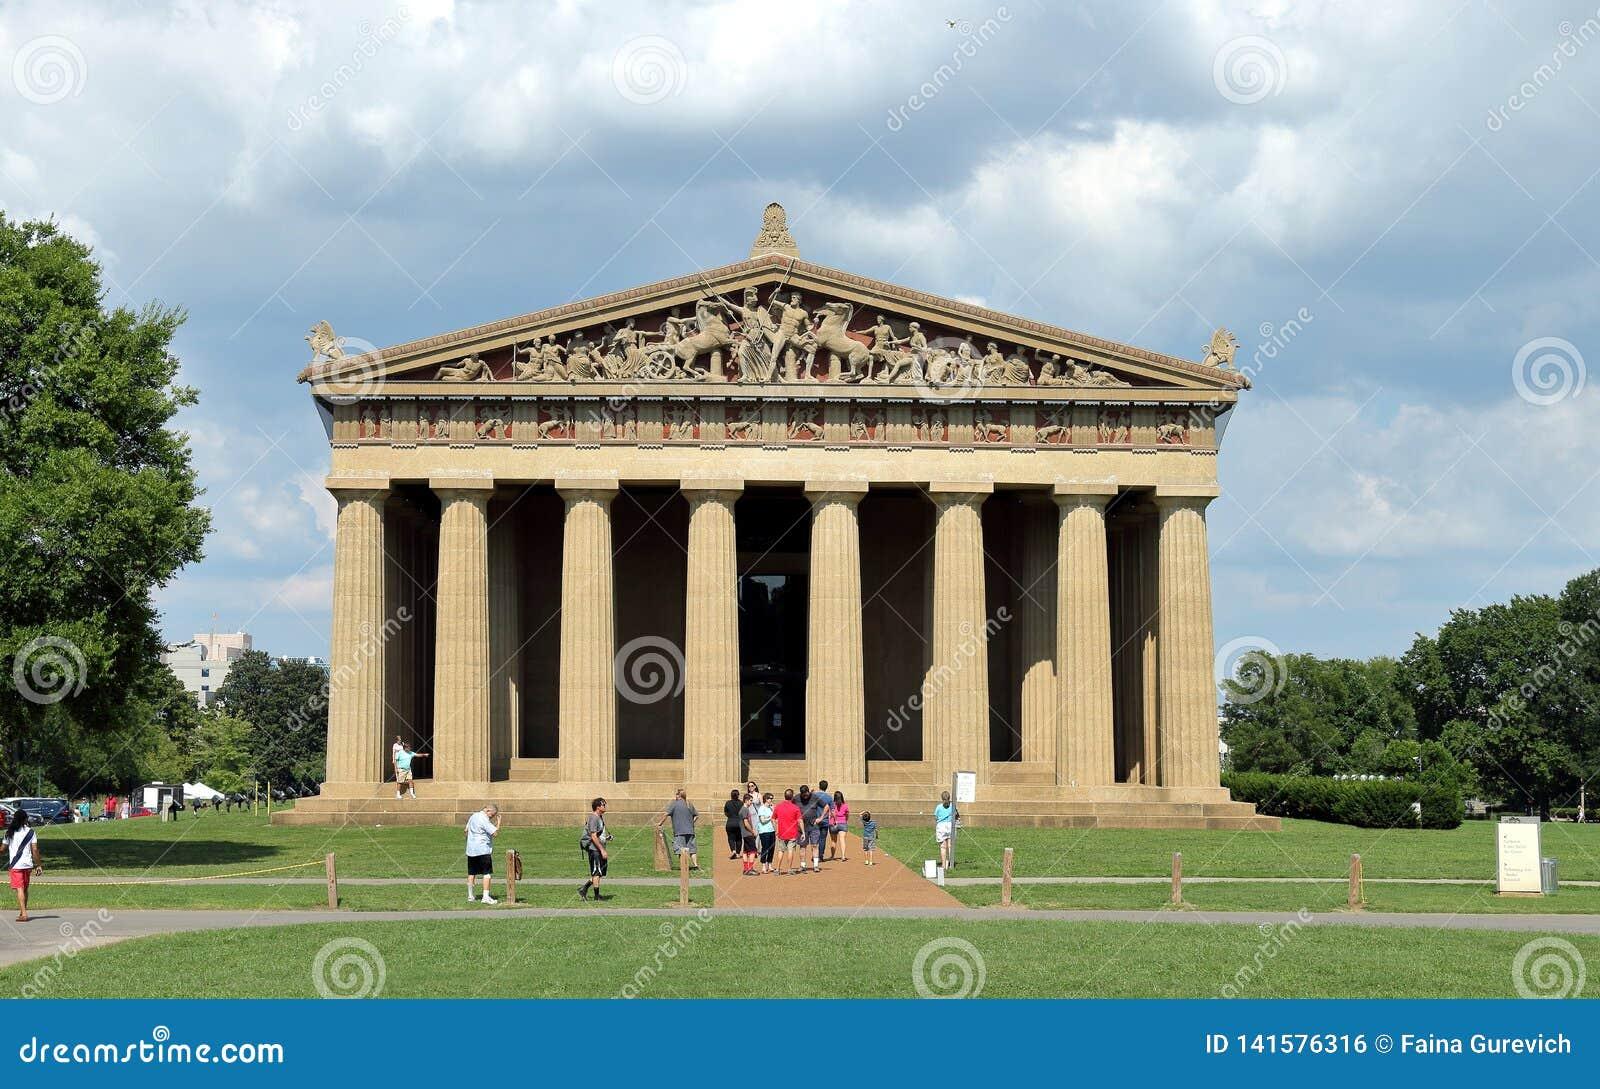 Réplica do Partenon no parque centenário em Nashville Tennessee EUA